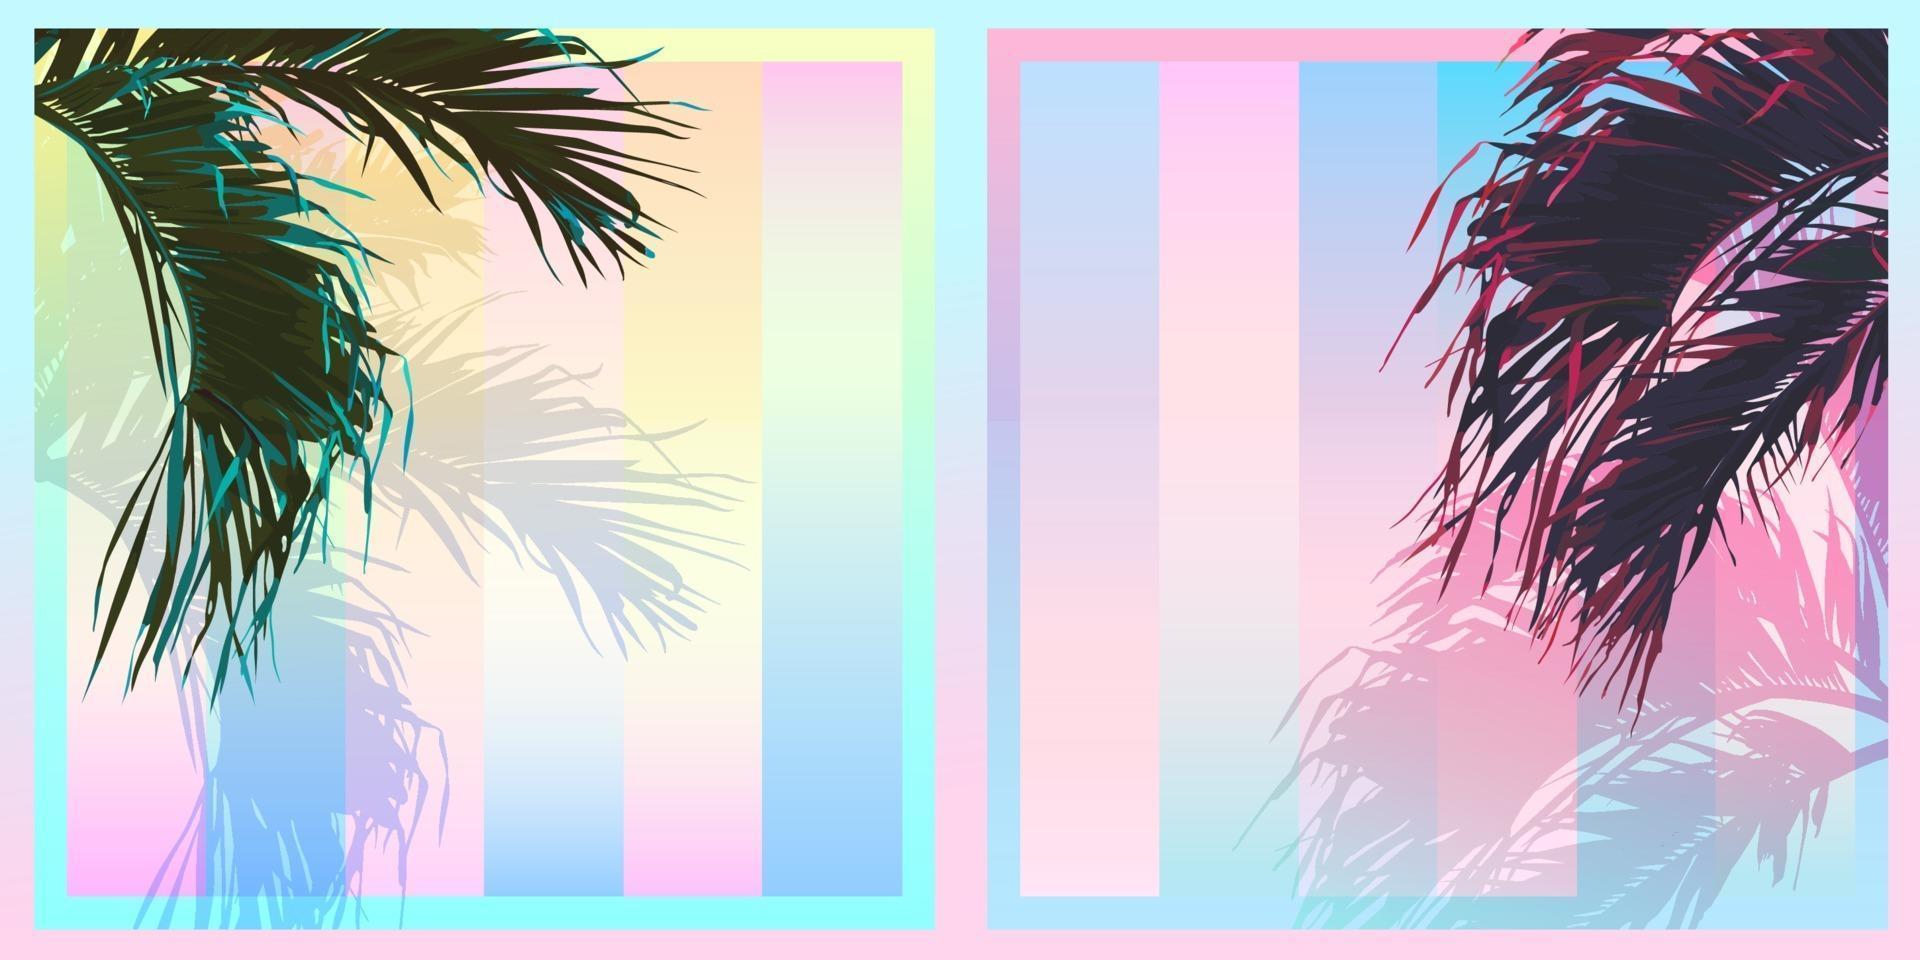 folha de coqueiro tropical exótica, paleta de cores gradiente pastel de saturação doce, retro vintage nostálgico vetor